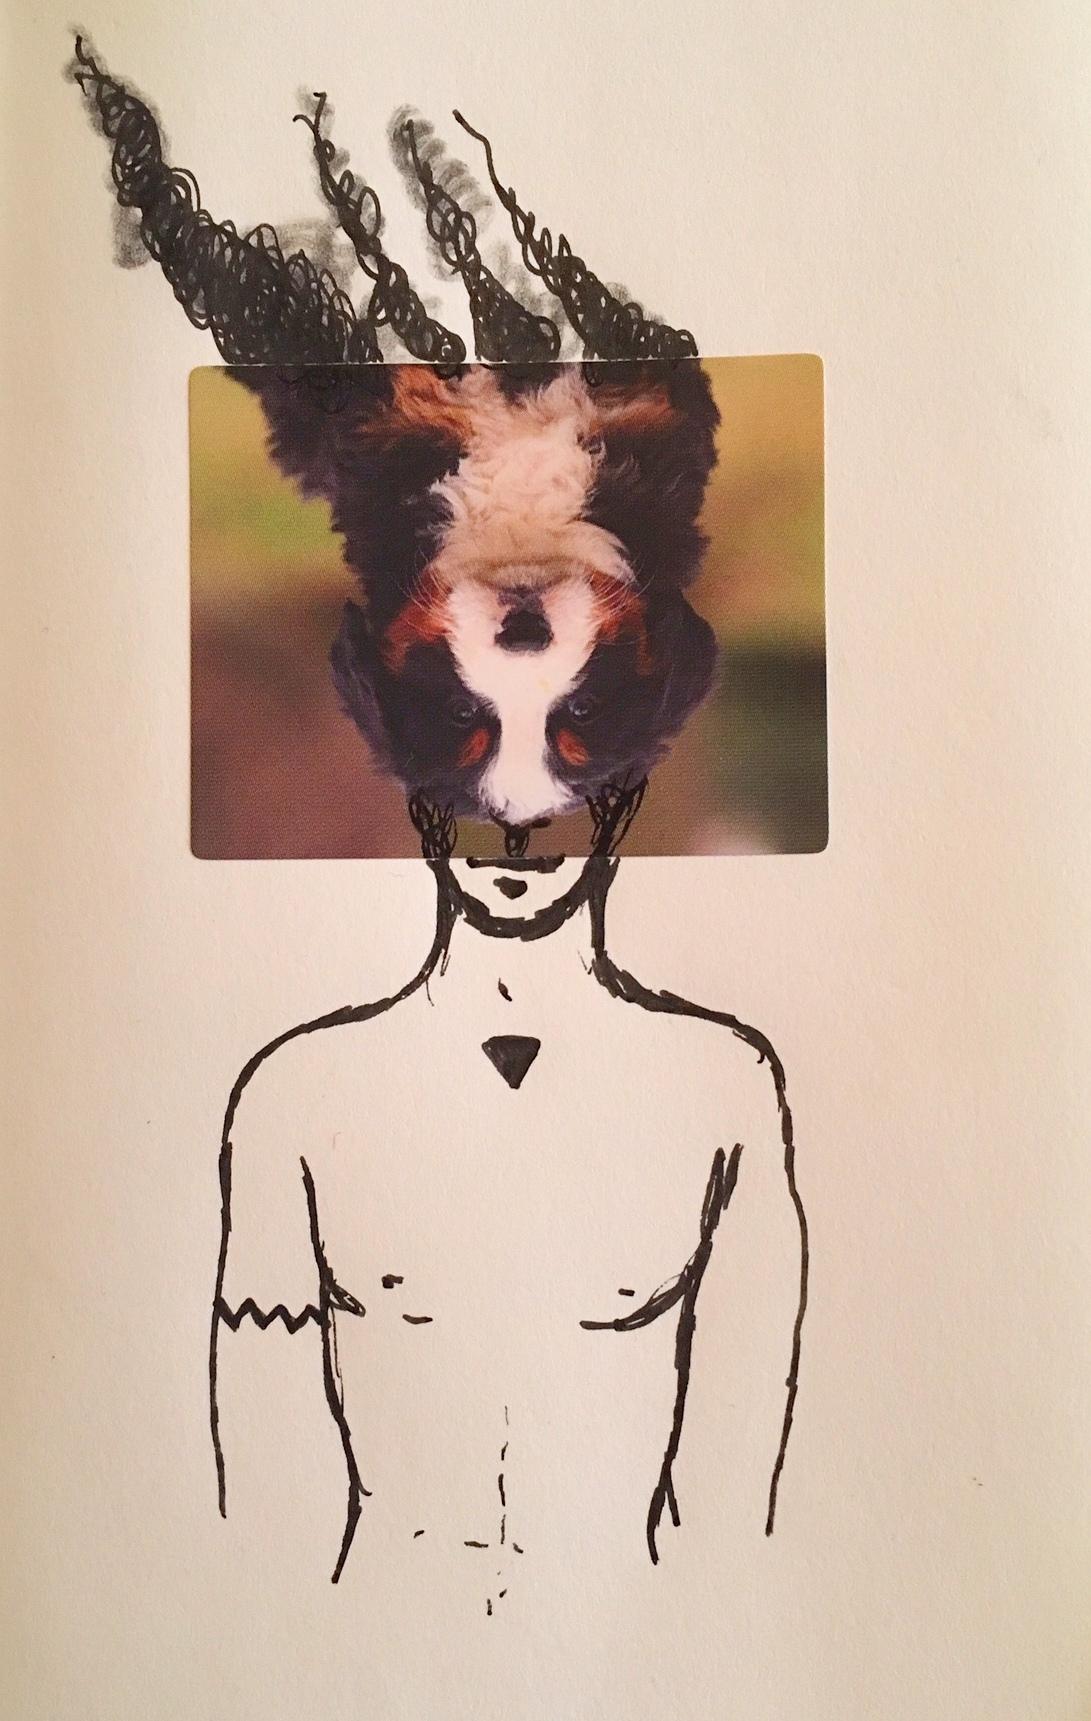 apparition-au-chien-par-kajanc